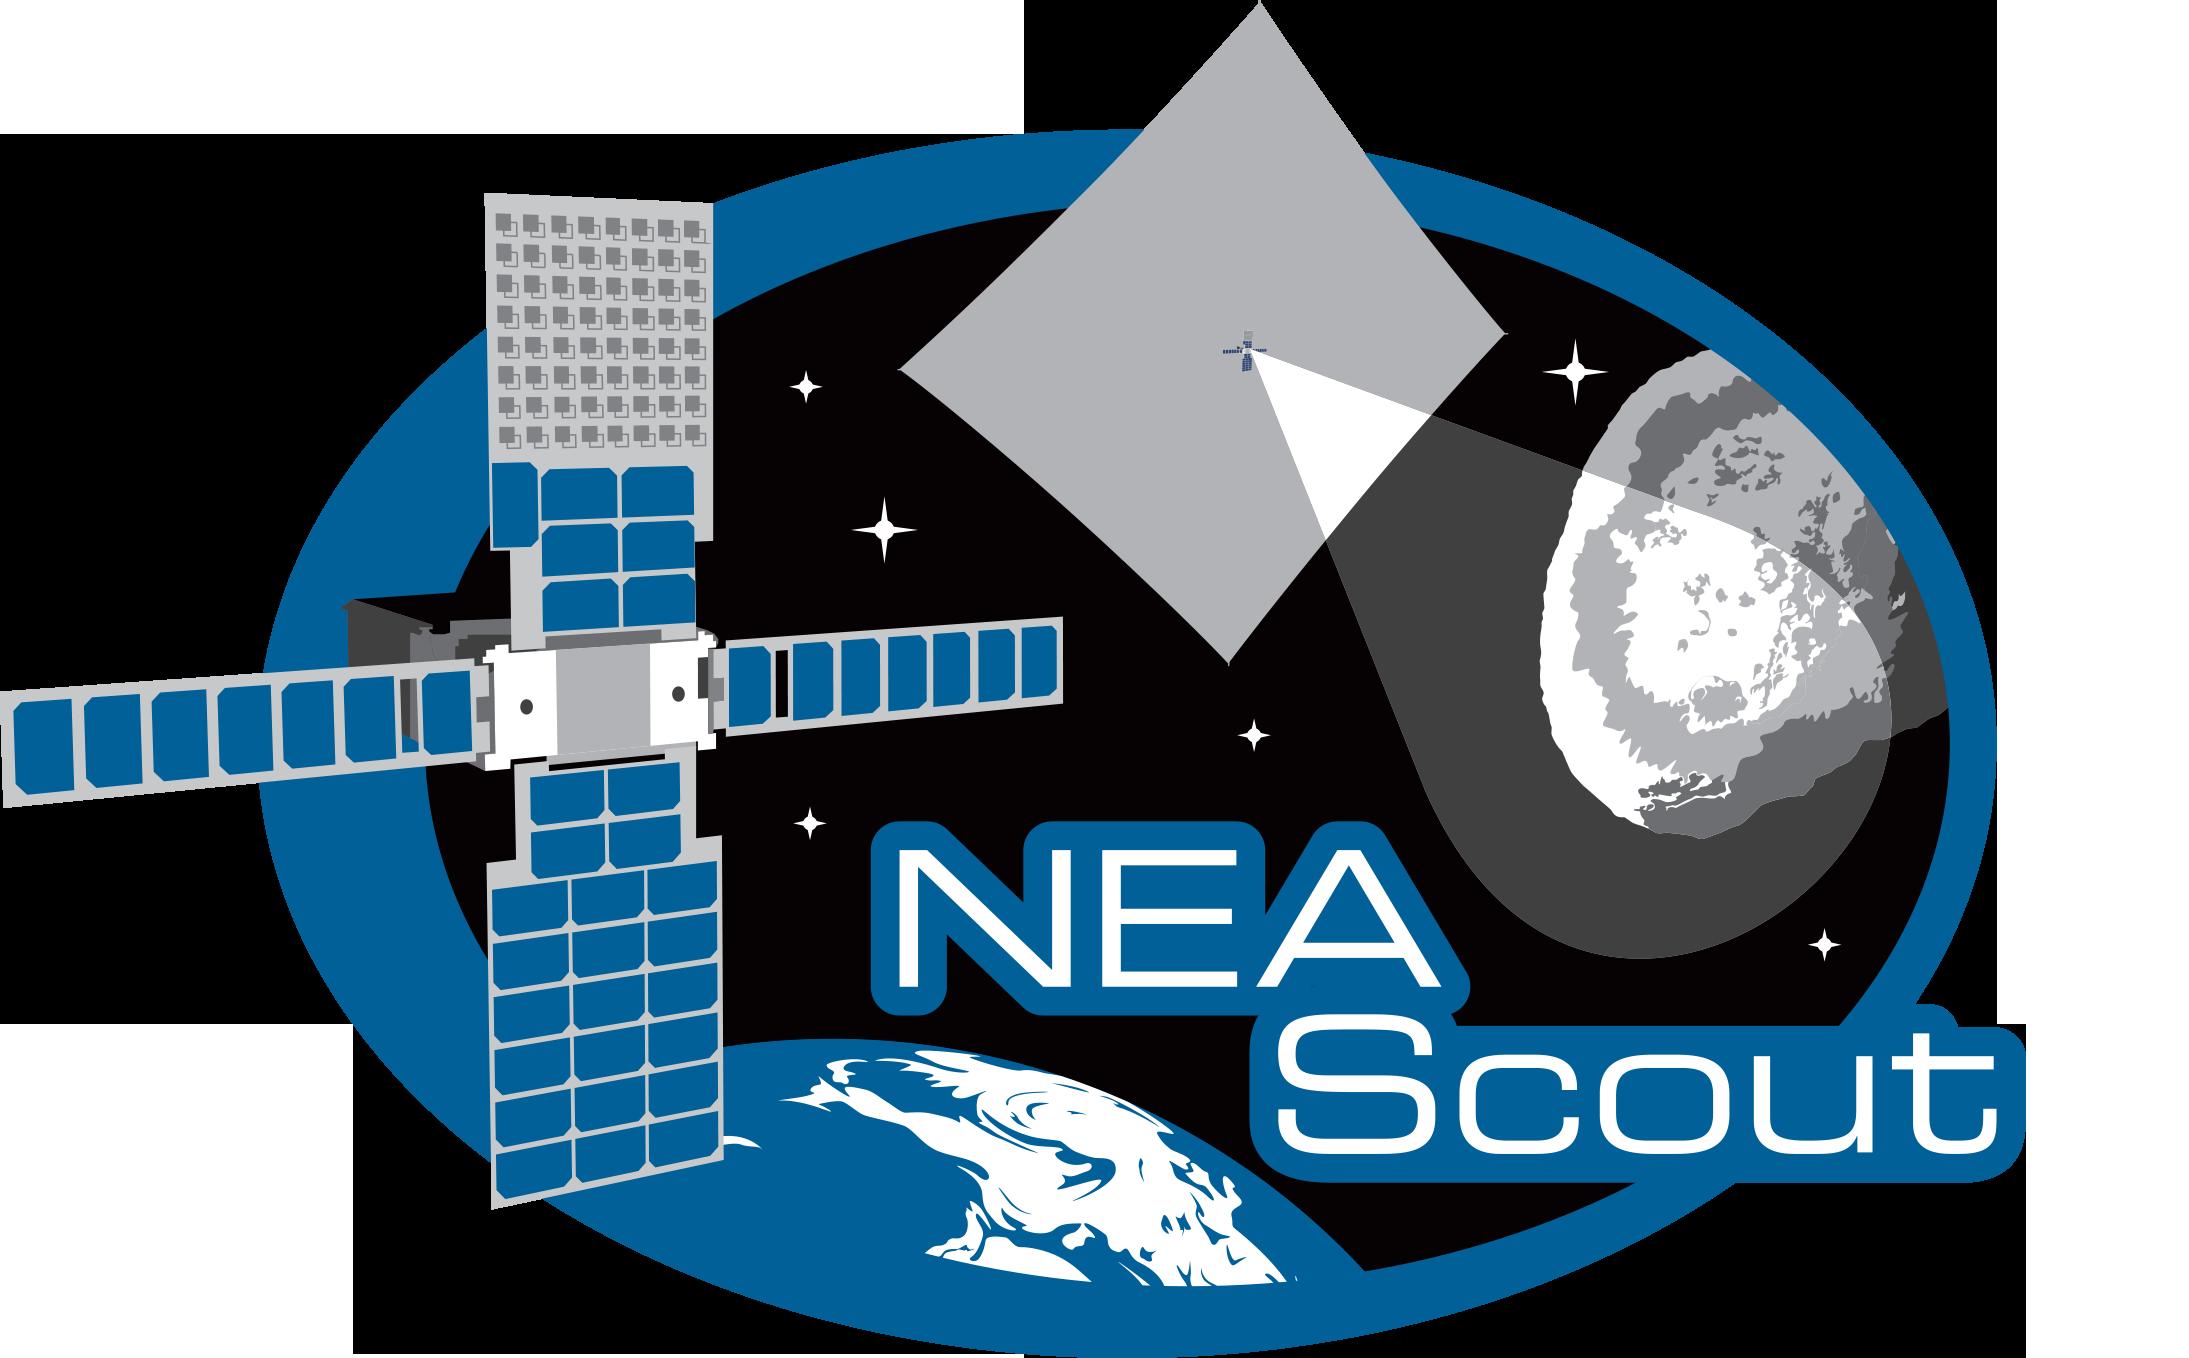 Risultati immagini per Near-Earth Asteroid Scout (NEA Scout)